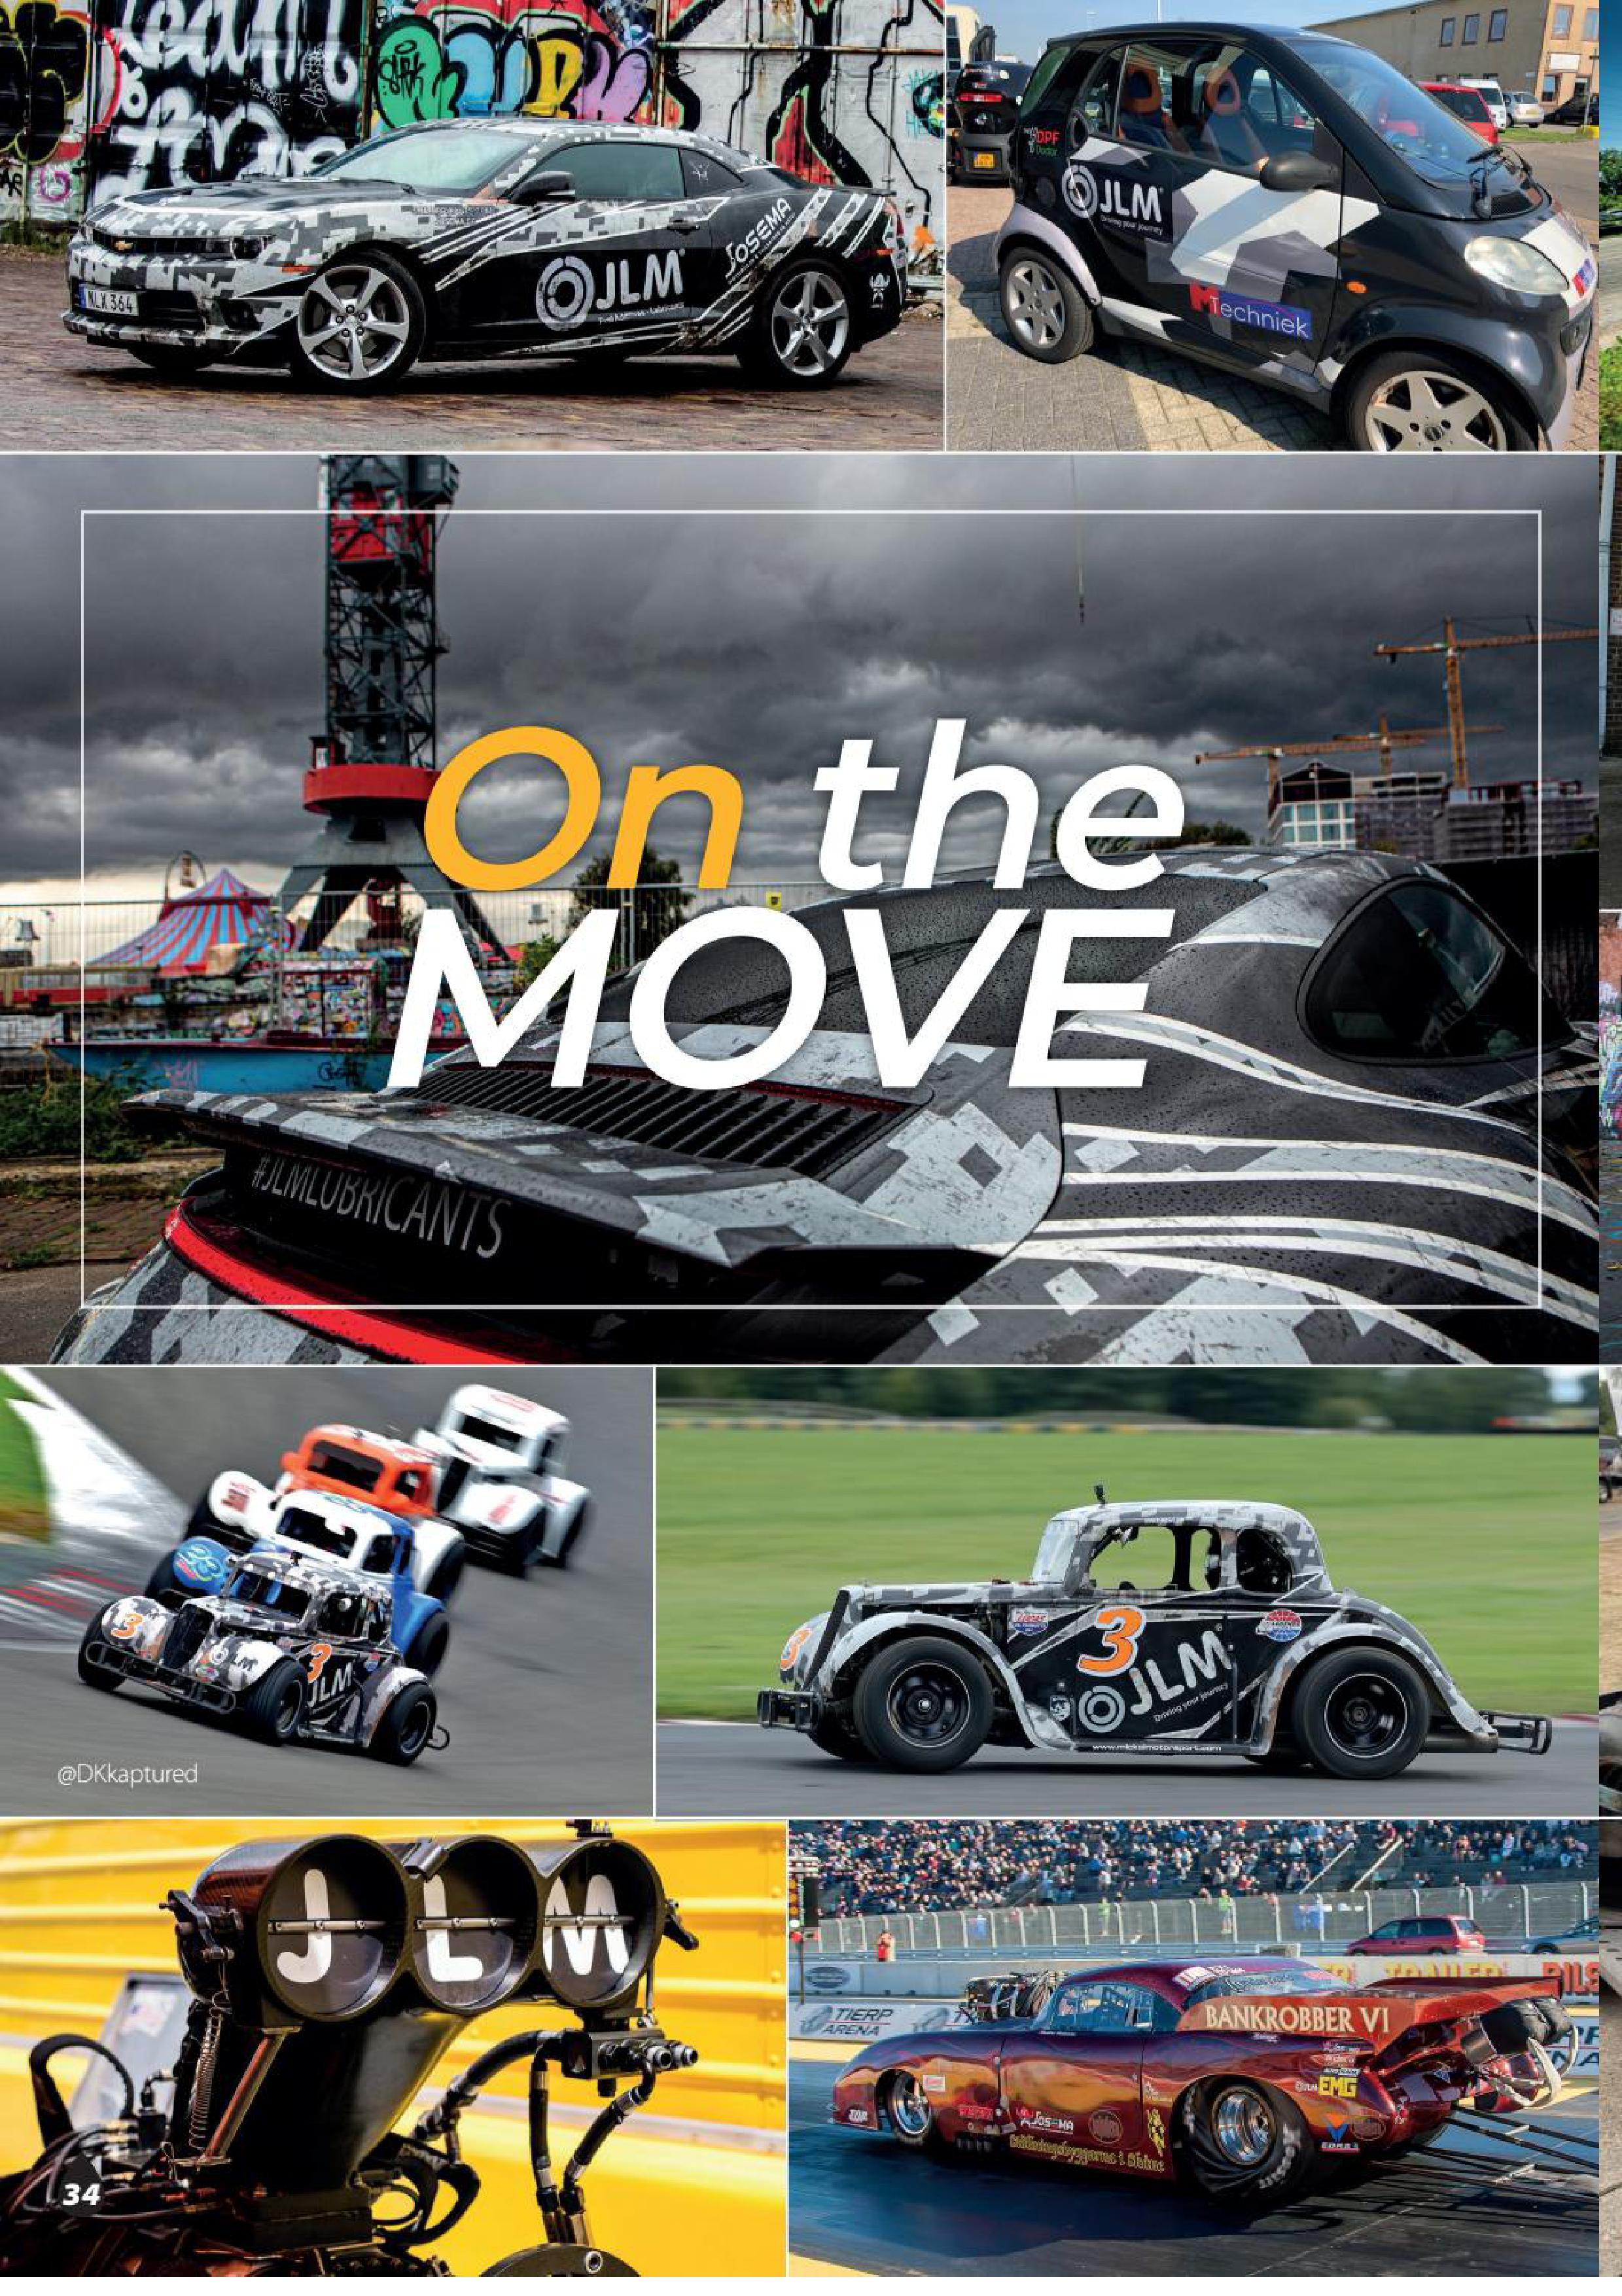 JLM-inovativne-aditiva-v-pohybe